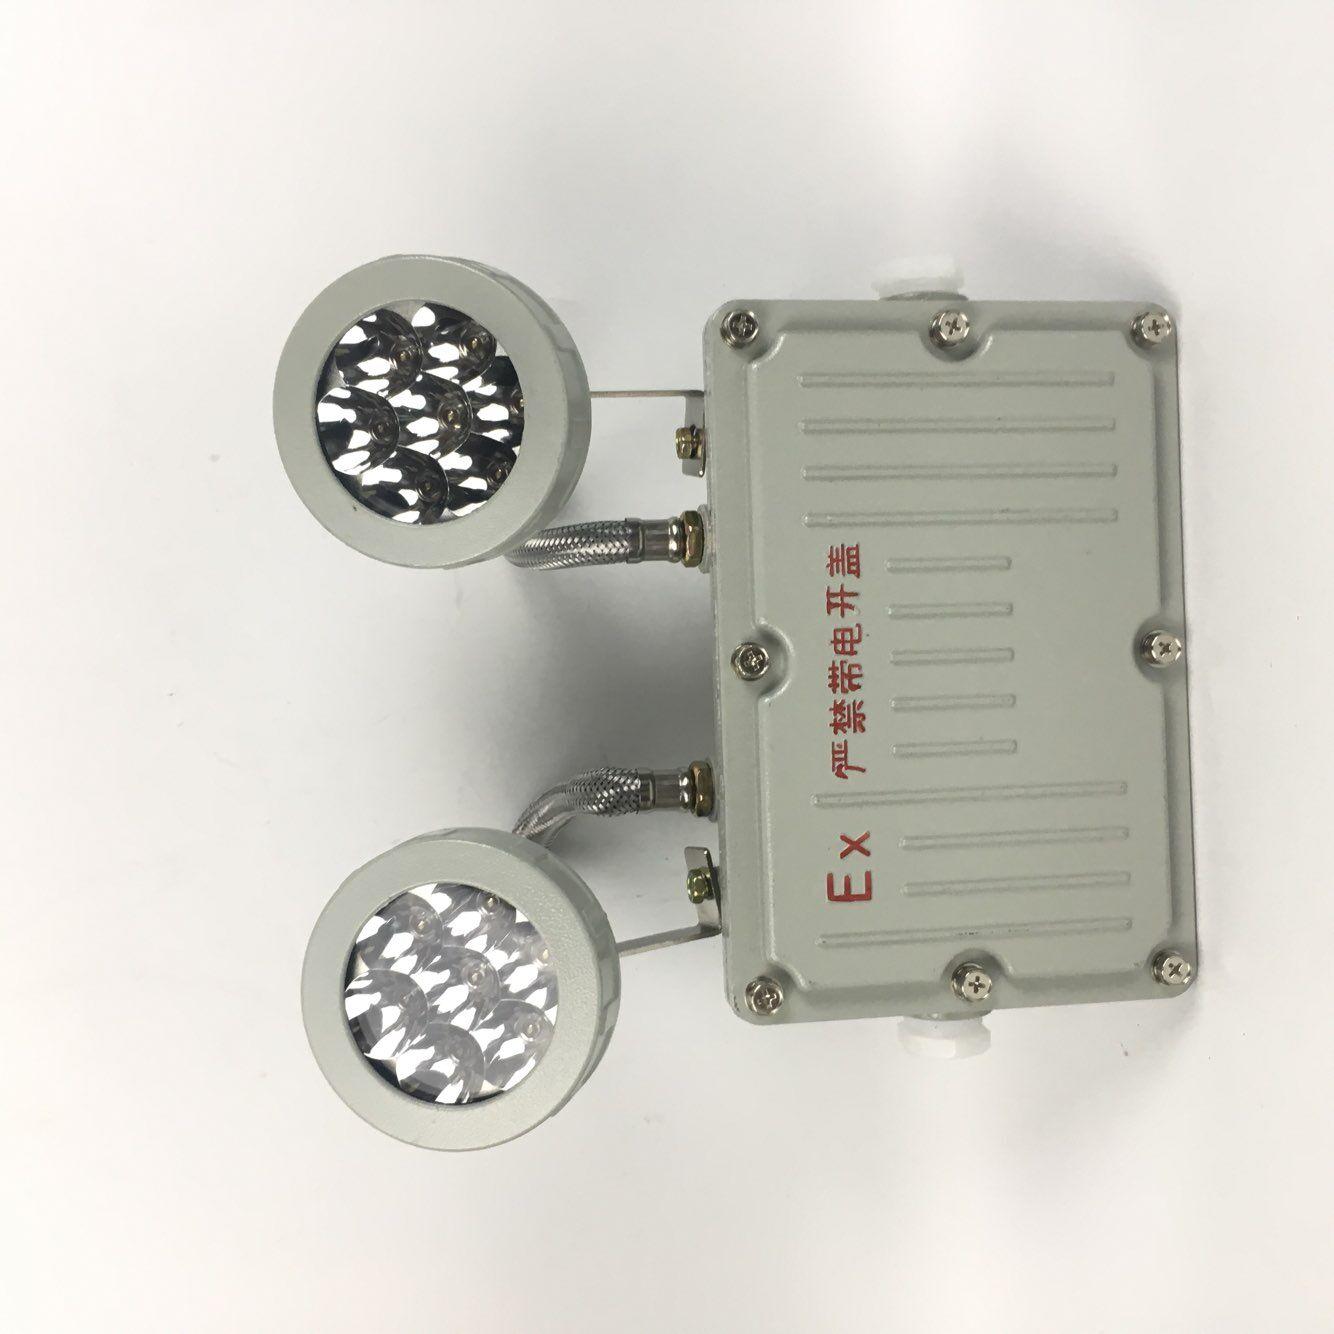 即正常照明,应急照明,灯具均显示,在在正常电源失电时,自动切换到应急